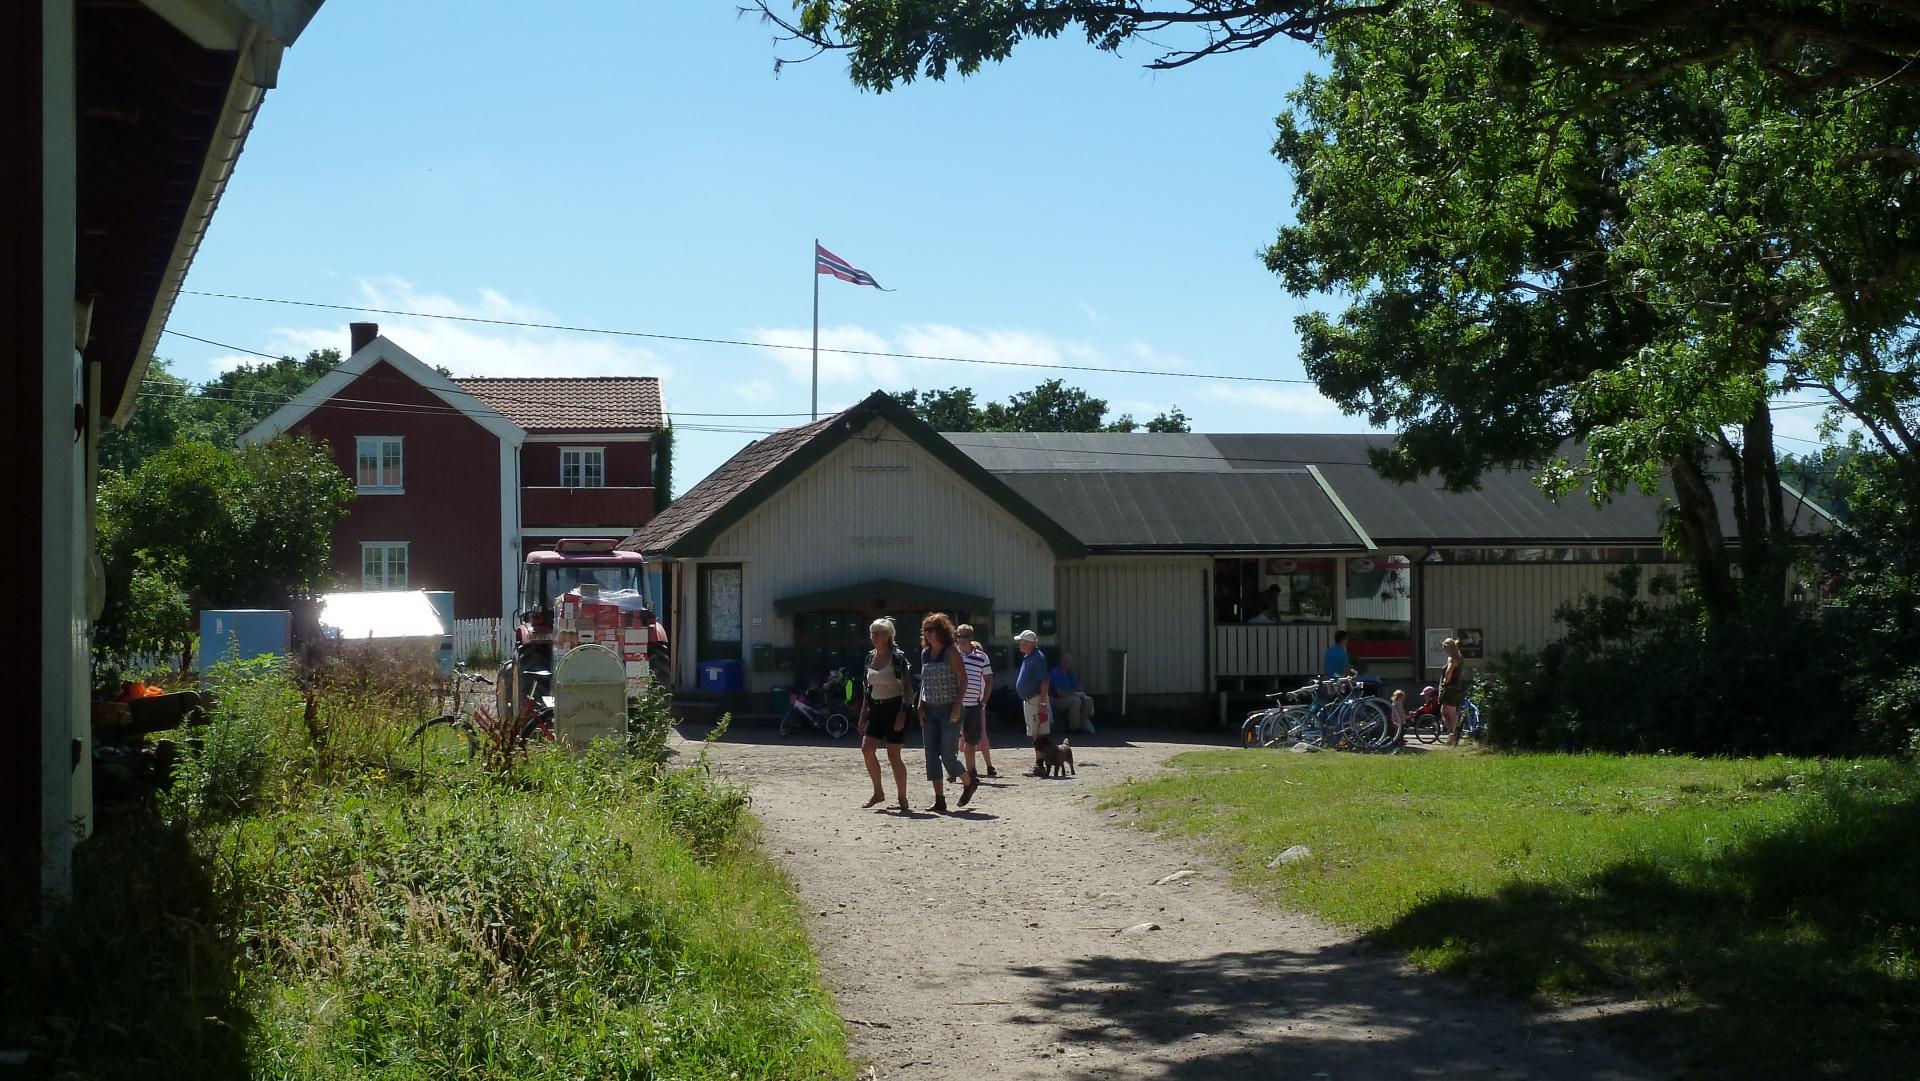 Sommerbutikken på Nedgården, Søndre Sandøy, Hvaler juli 2010